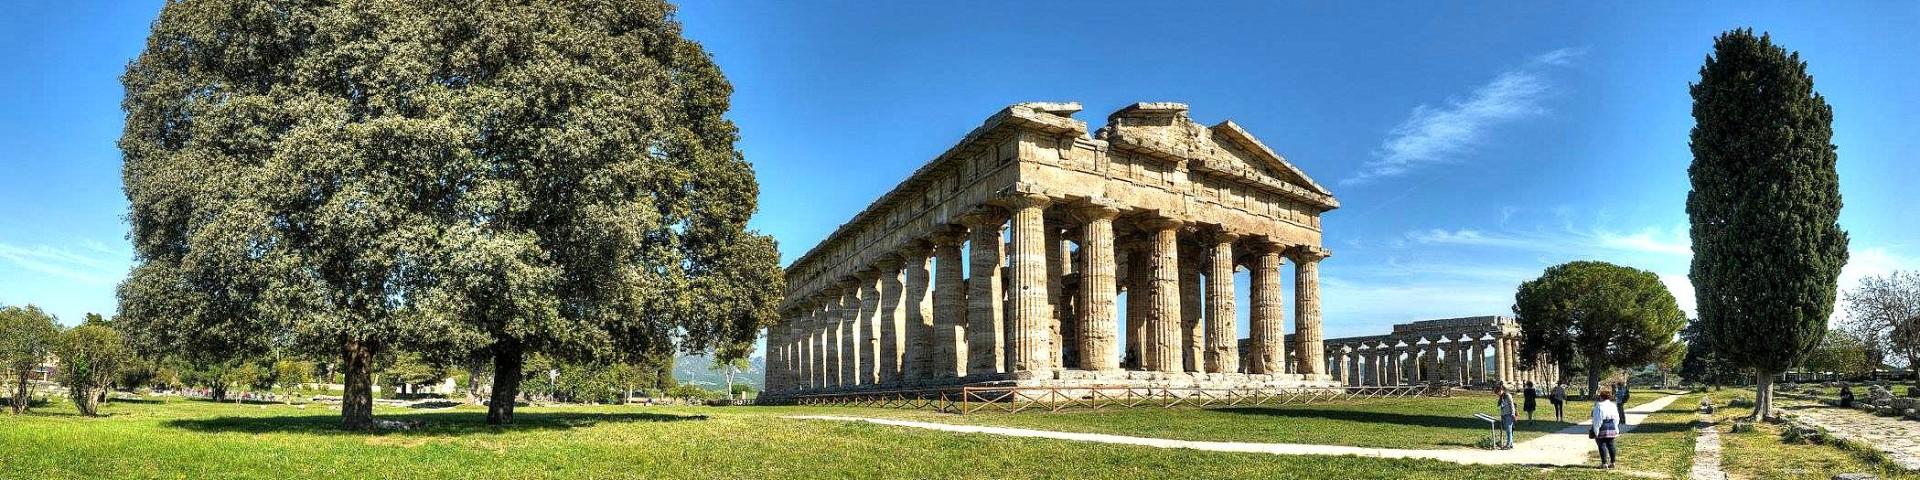 Paestum, procházka ruinami starobylého města je zážitkem